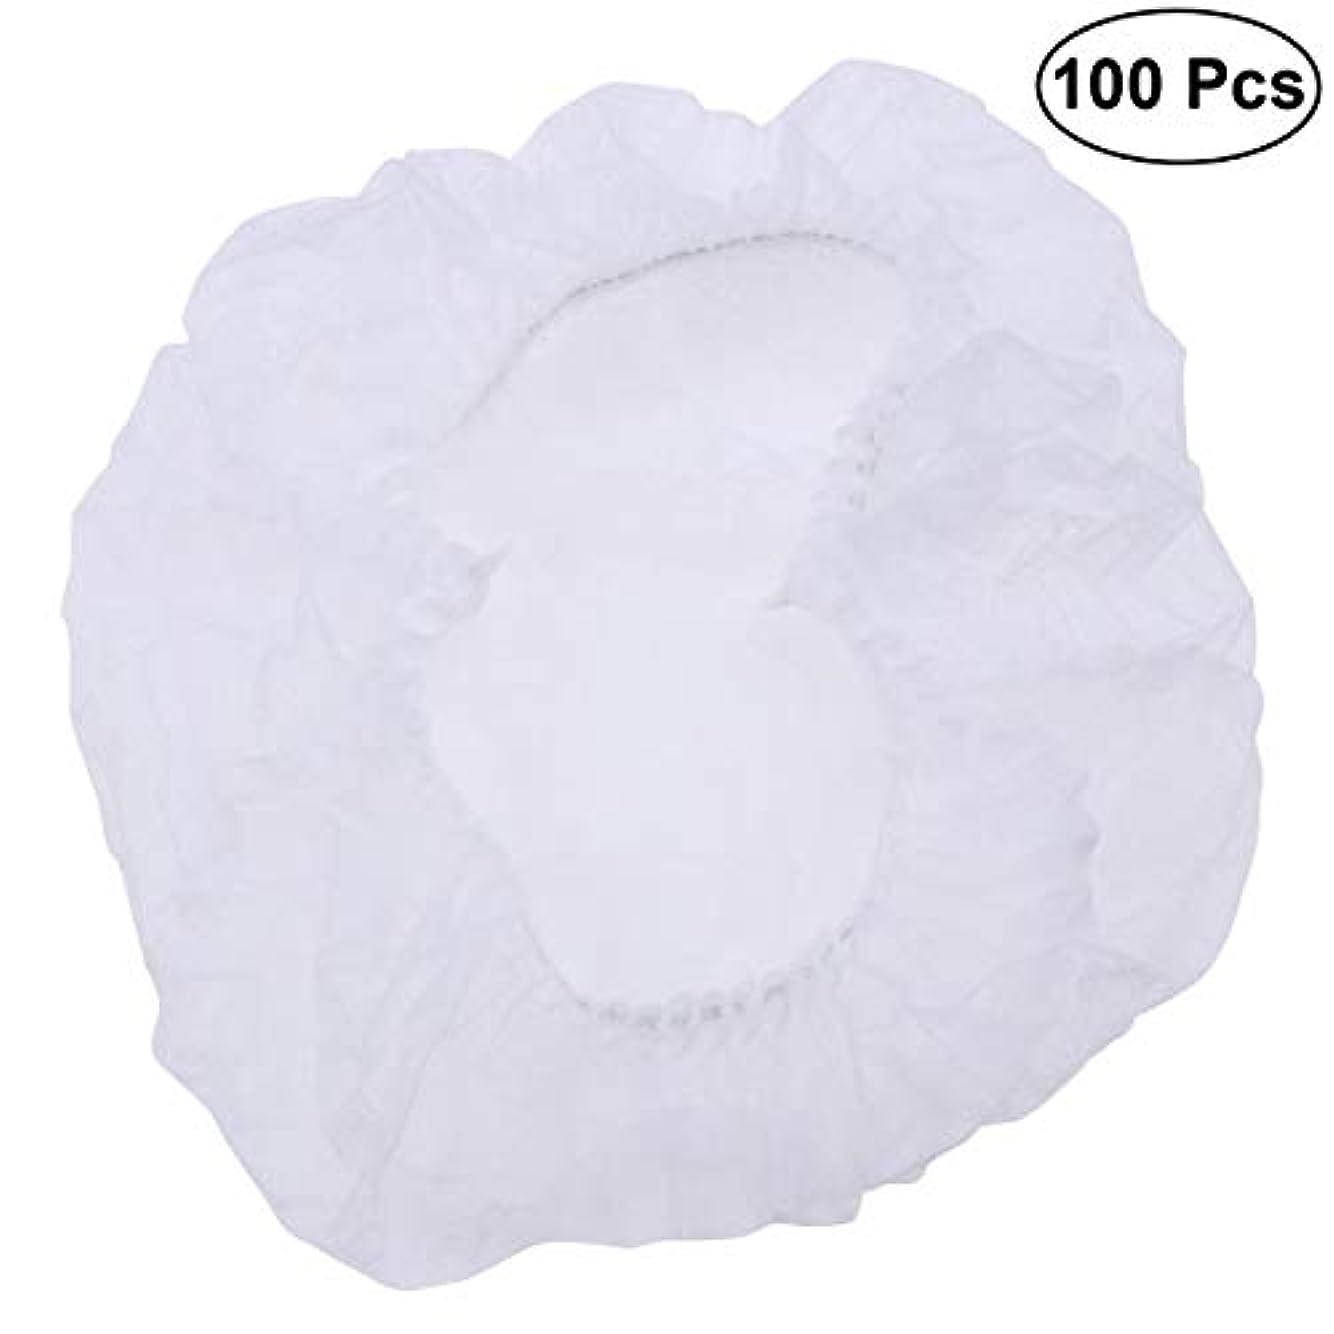 不可能なシャツ採用するSUPVOX ヘアサロンの家のホテル100pcsのための使い捨て可能なシャワーキャップの伸縮性がある毛の帽子